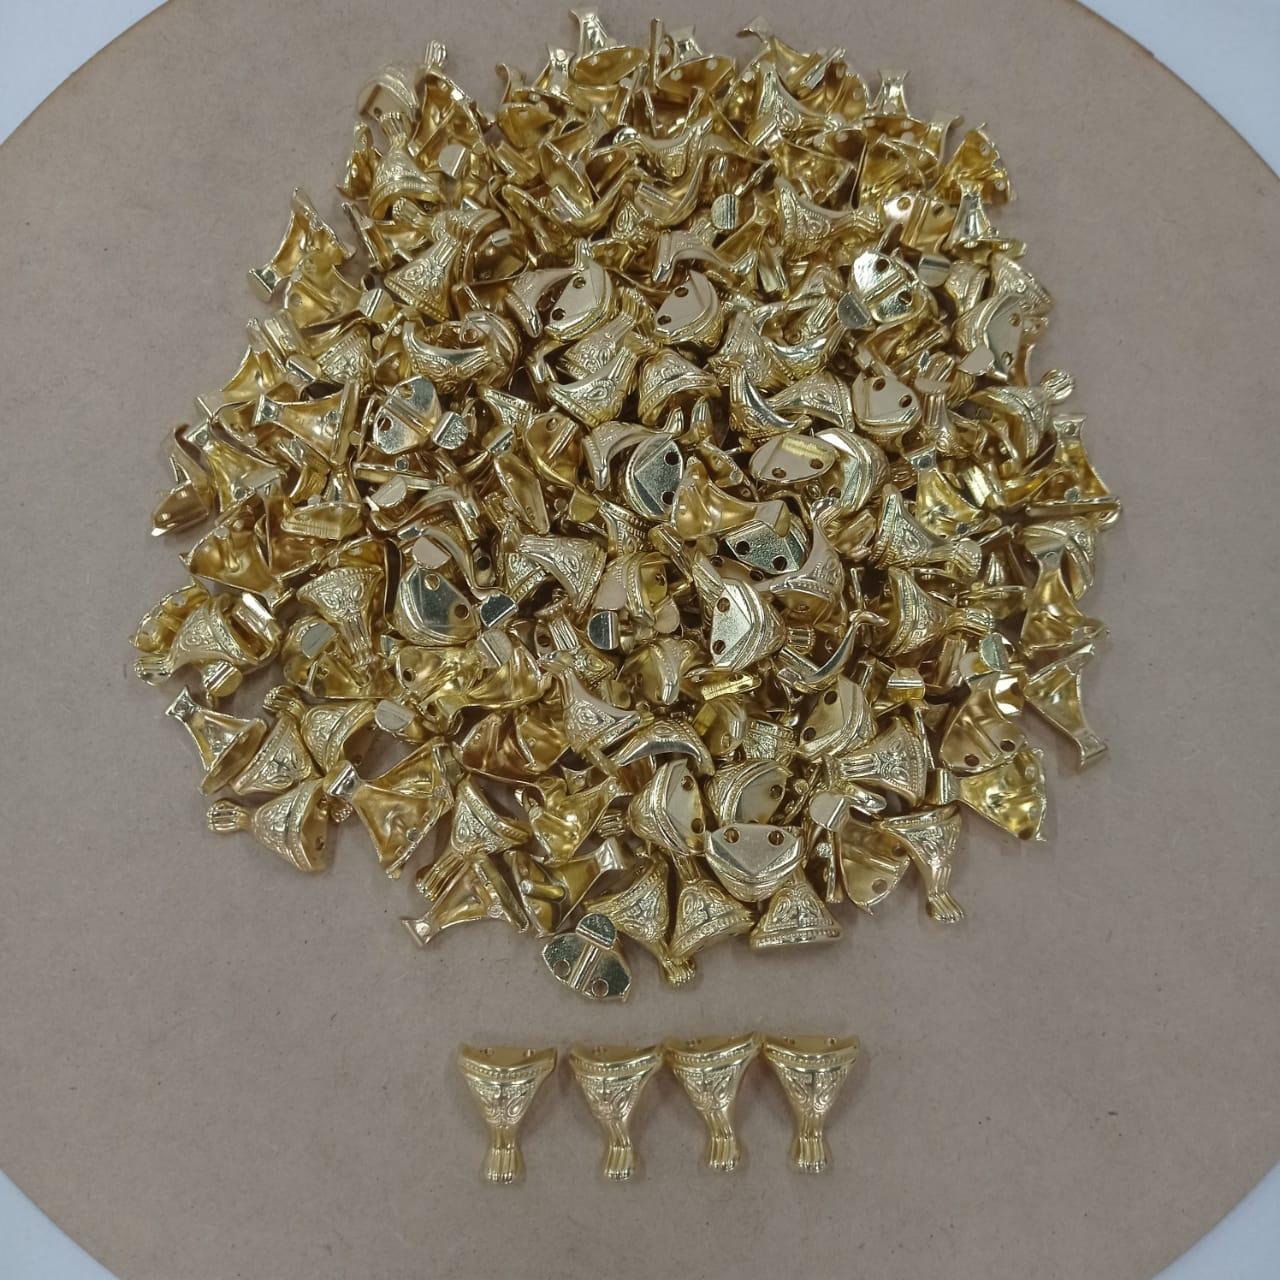 Kit 56 Pezinhos de Metal Tradicional Pequeno  para Caixas em MDF - Dourado